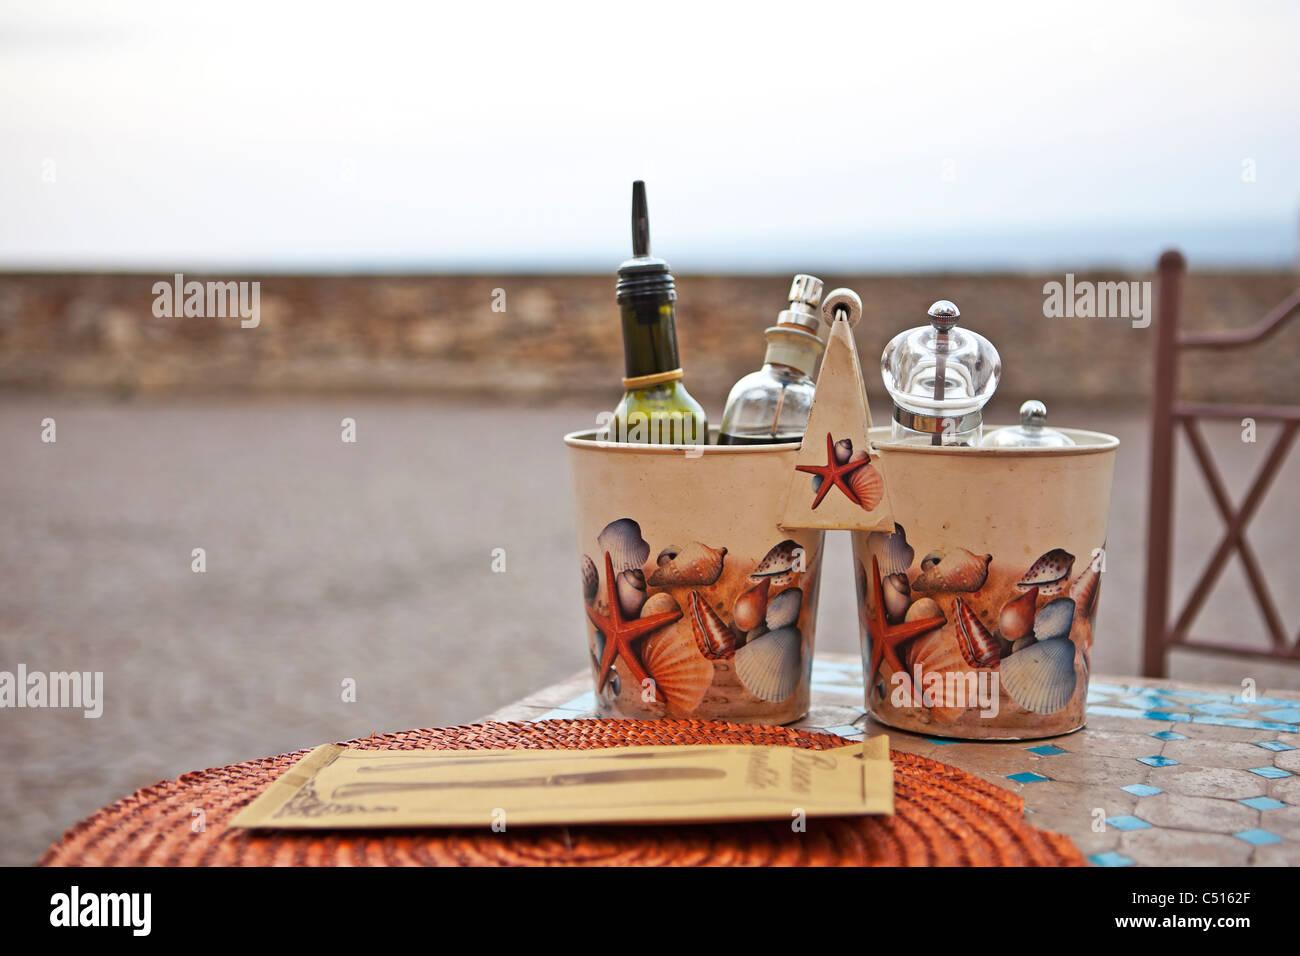 Sentado en la mesa Cervo, Liguria, con vistas al Mediterráneo Imagen De Stock